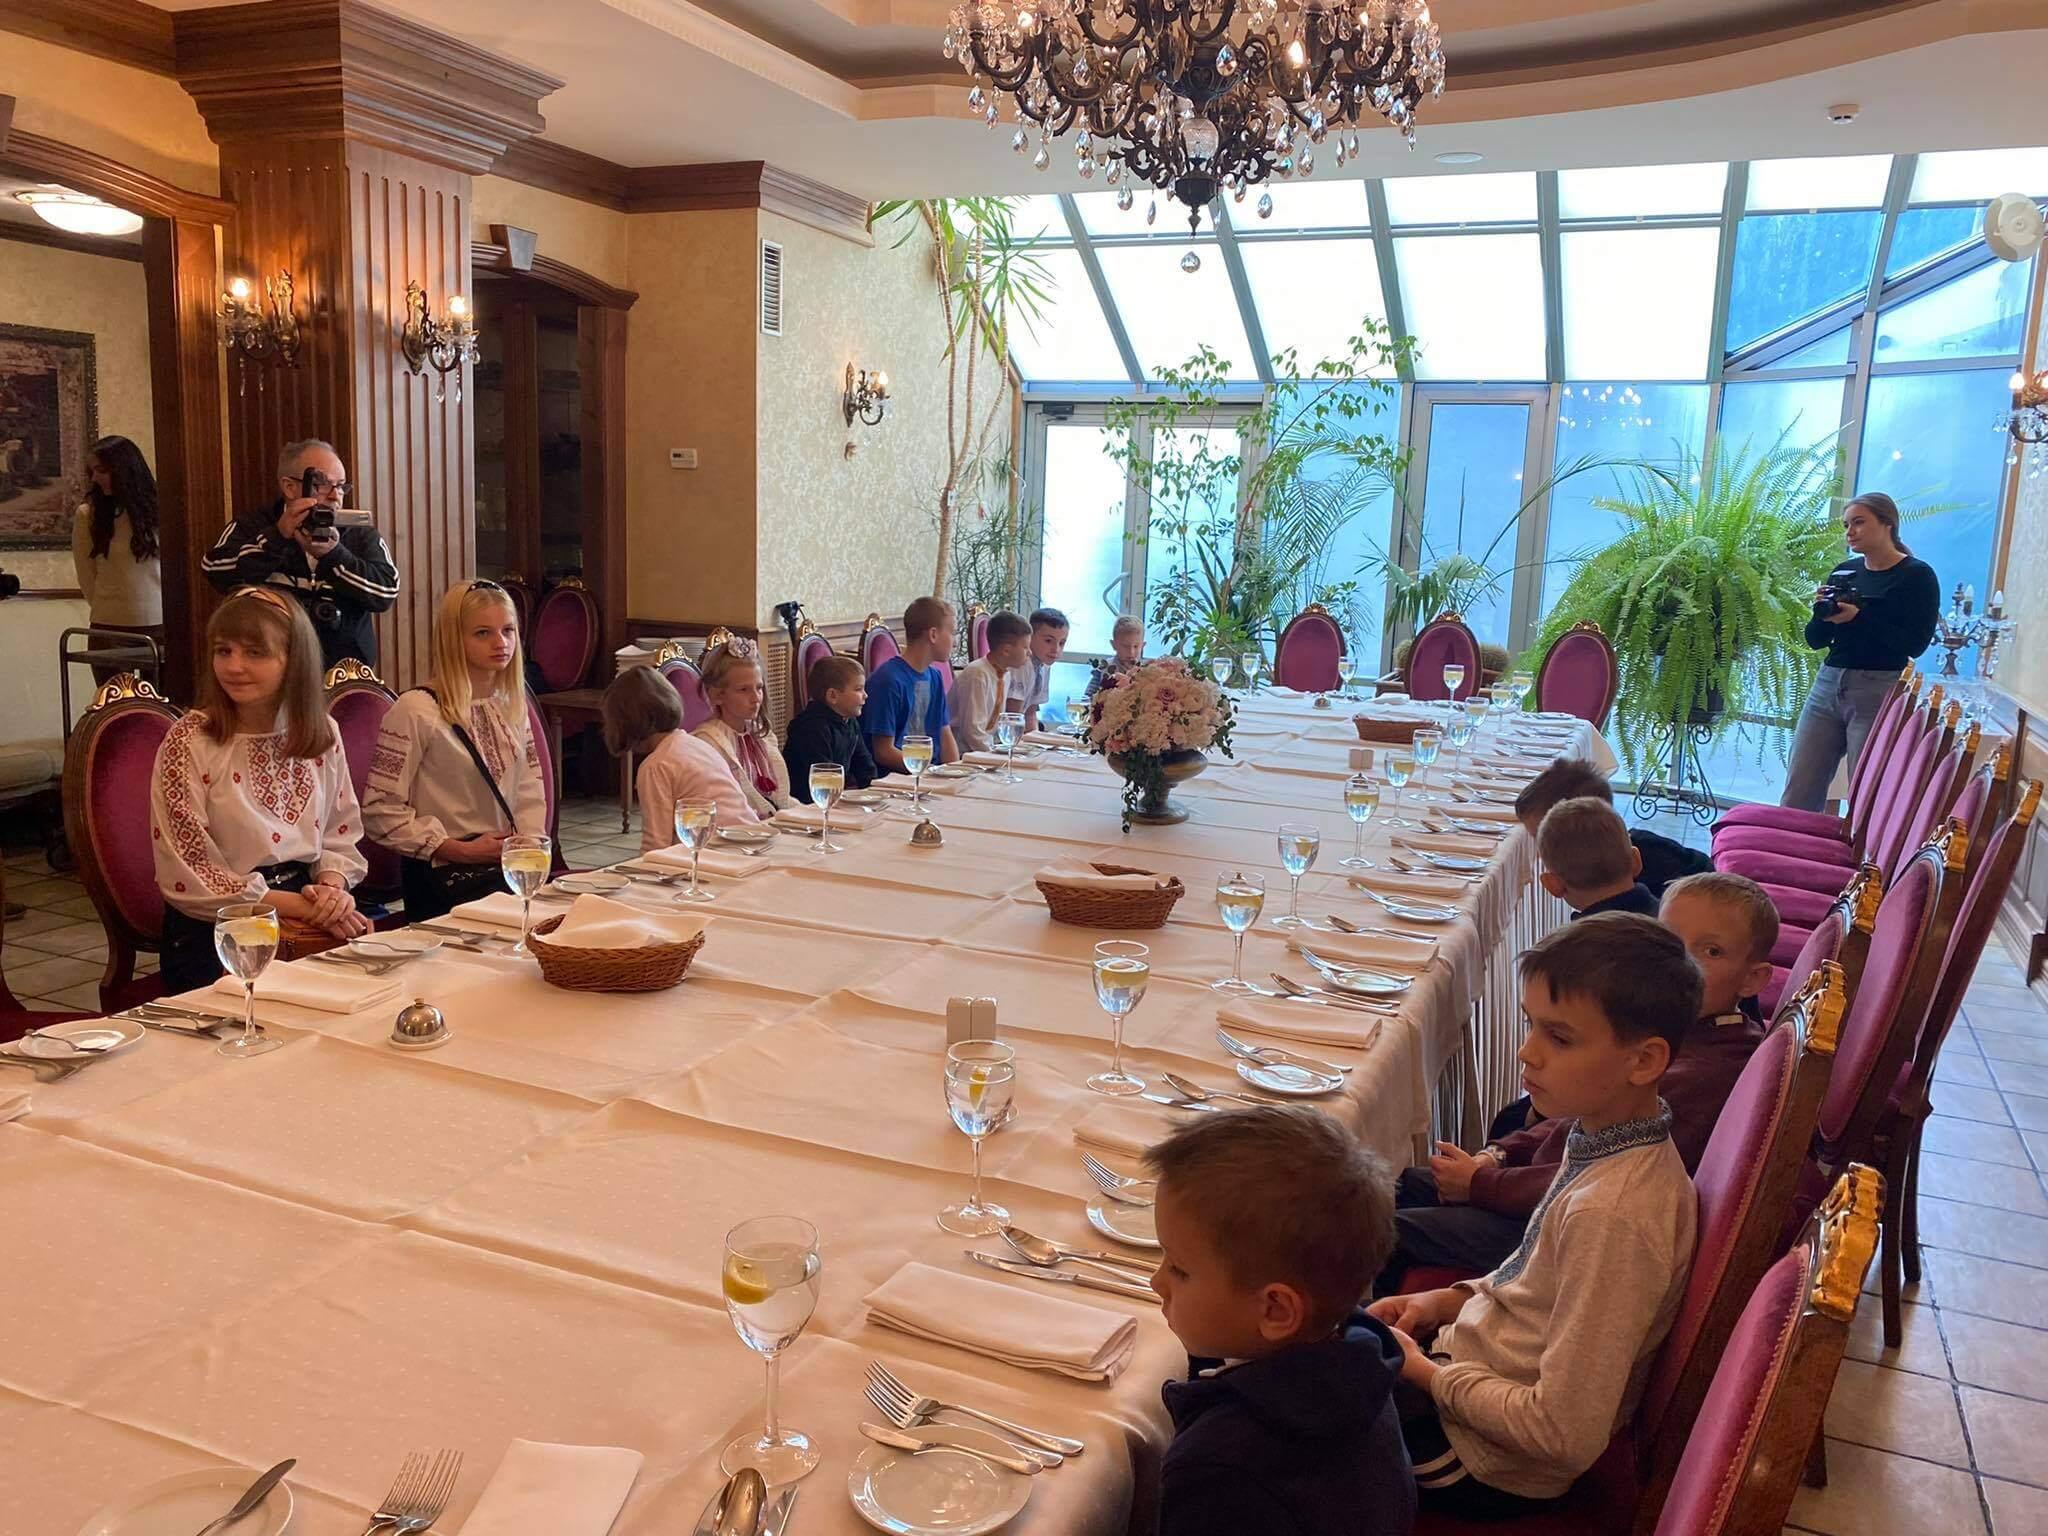 Навчали готувати та правильно смакувати: у Франківську влаштували благодійний обід для дітей-сиріт (ФОТО)